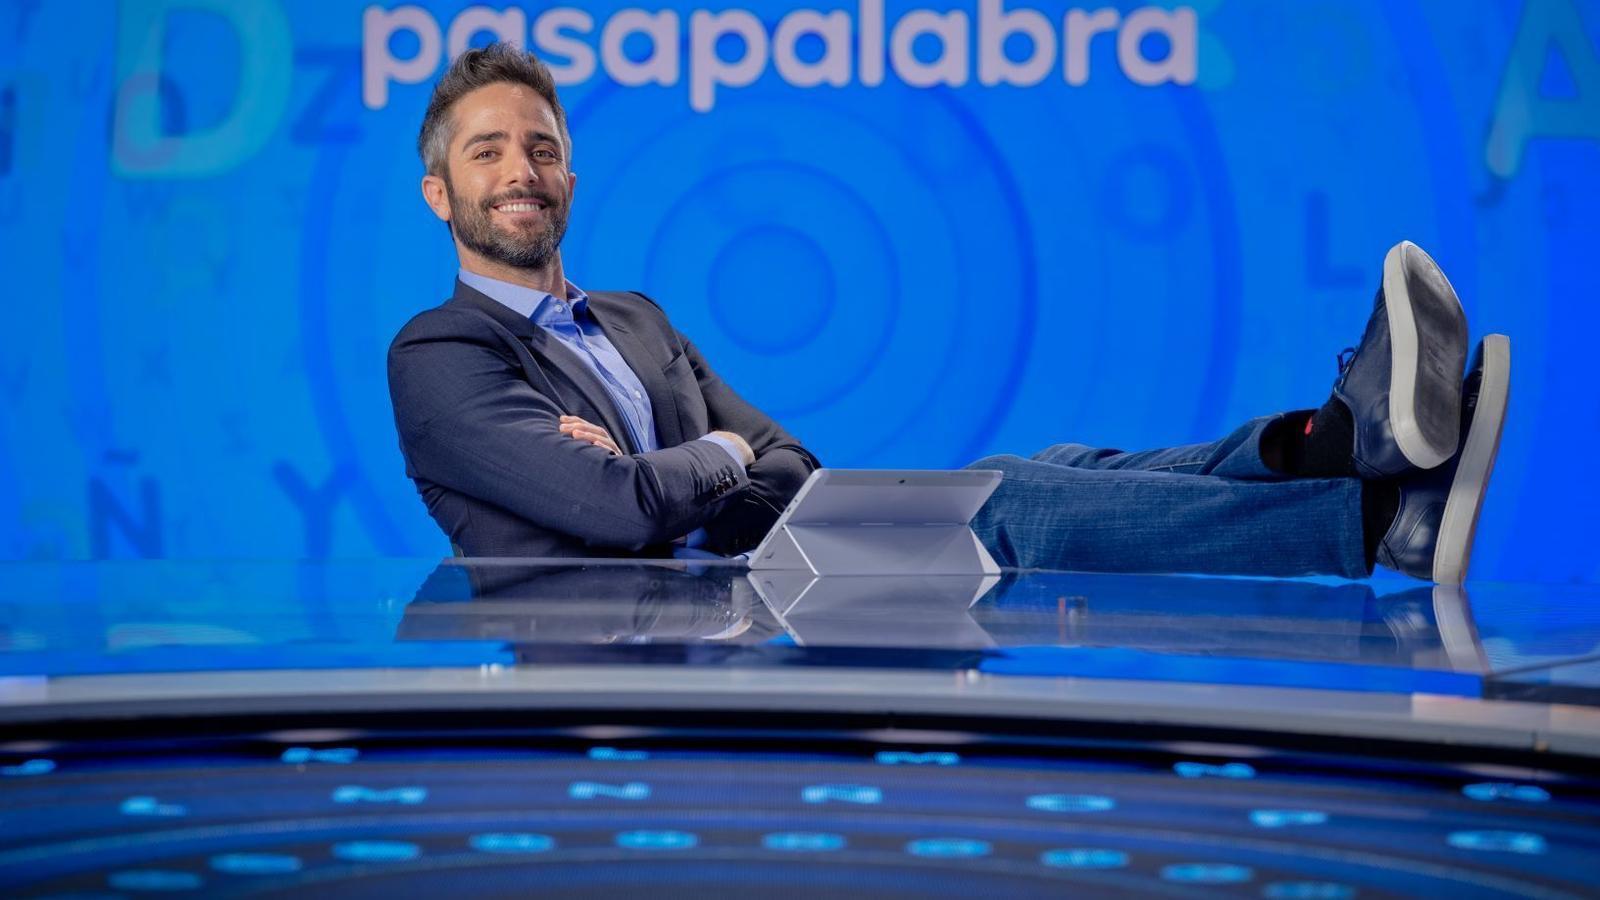 Antena 3 rep 'Pasapalabra' amb tots els honors